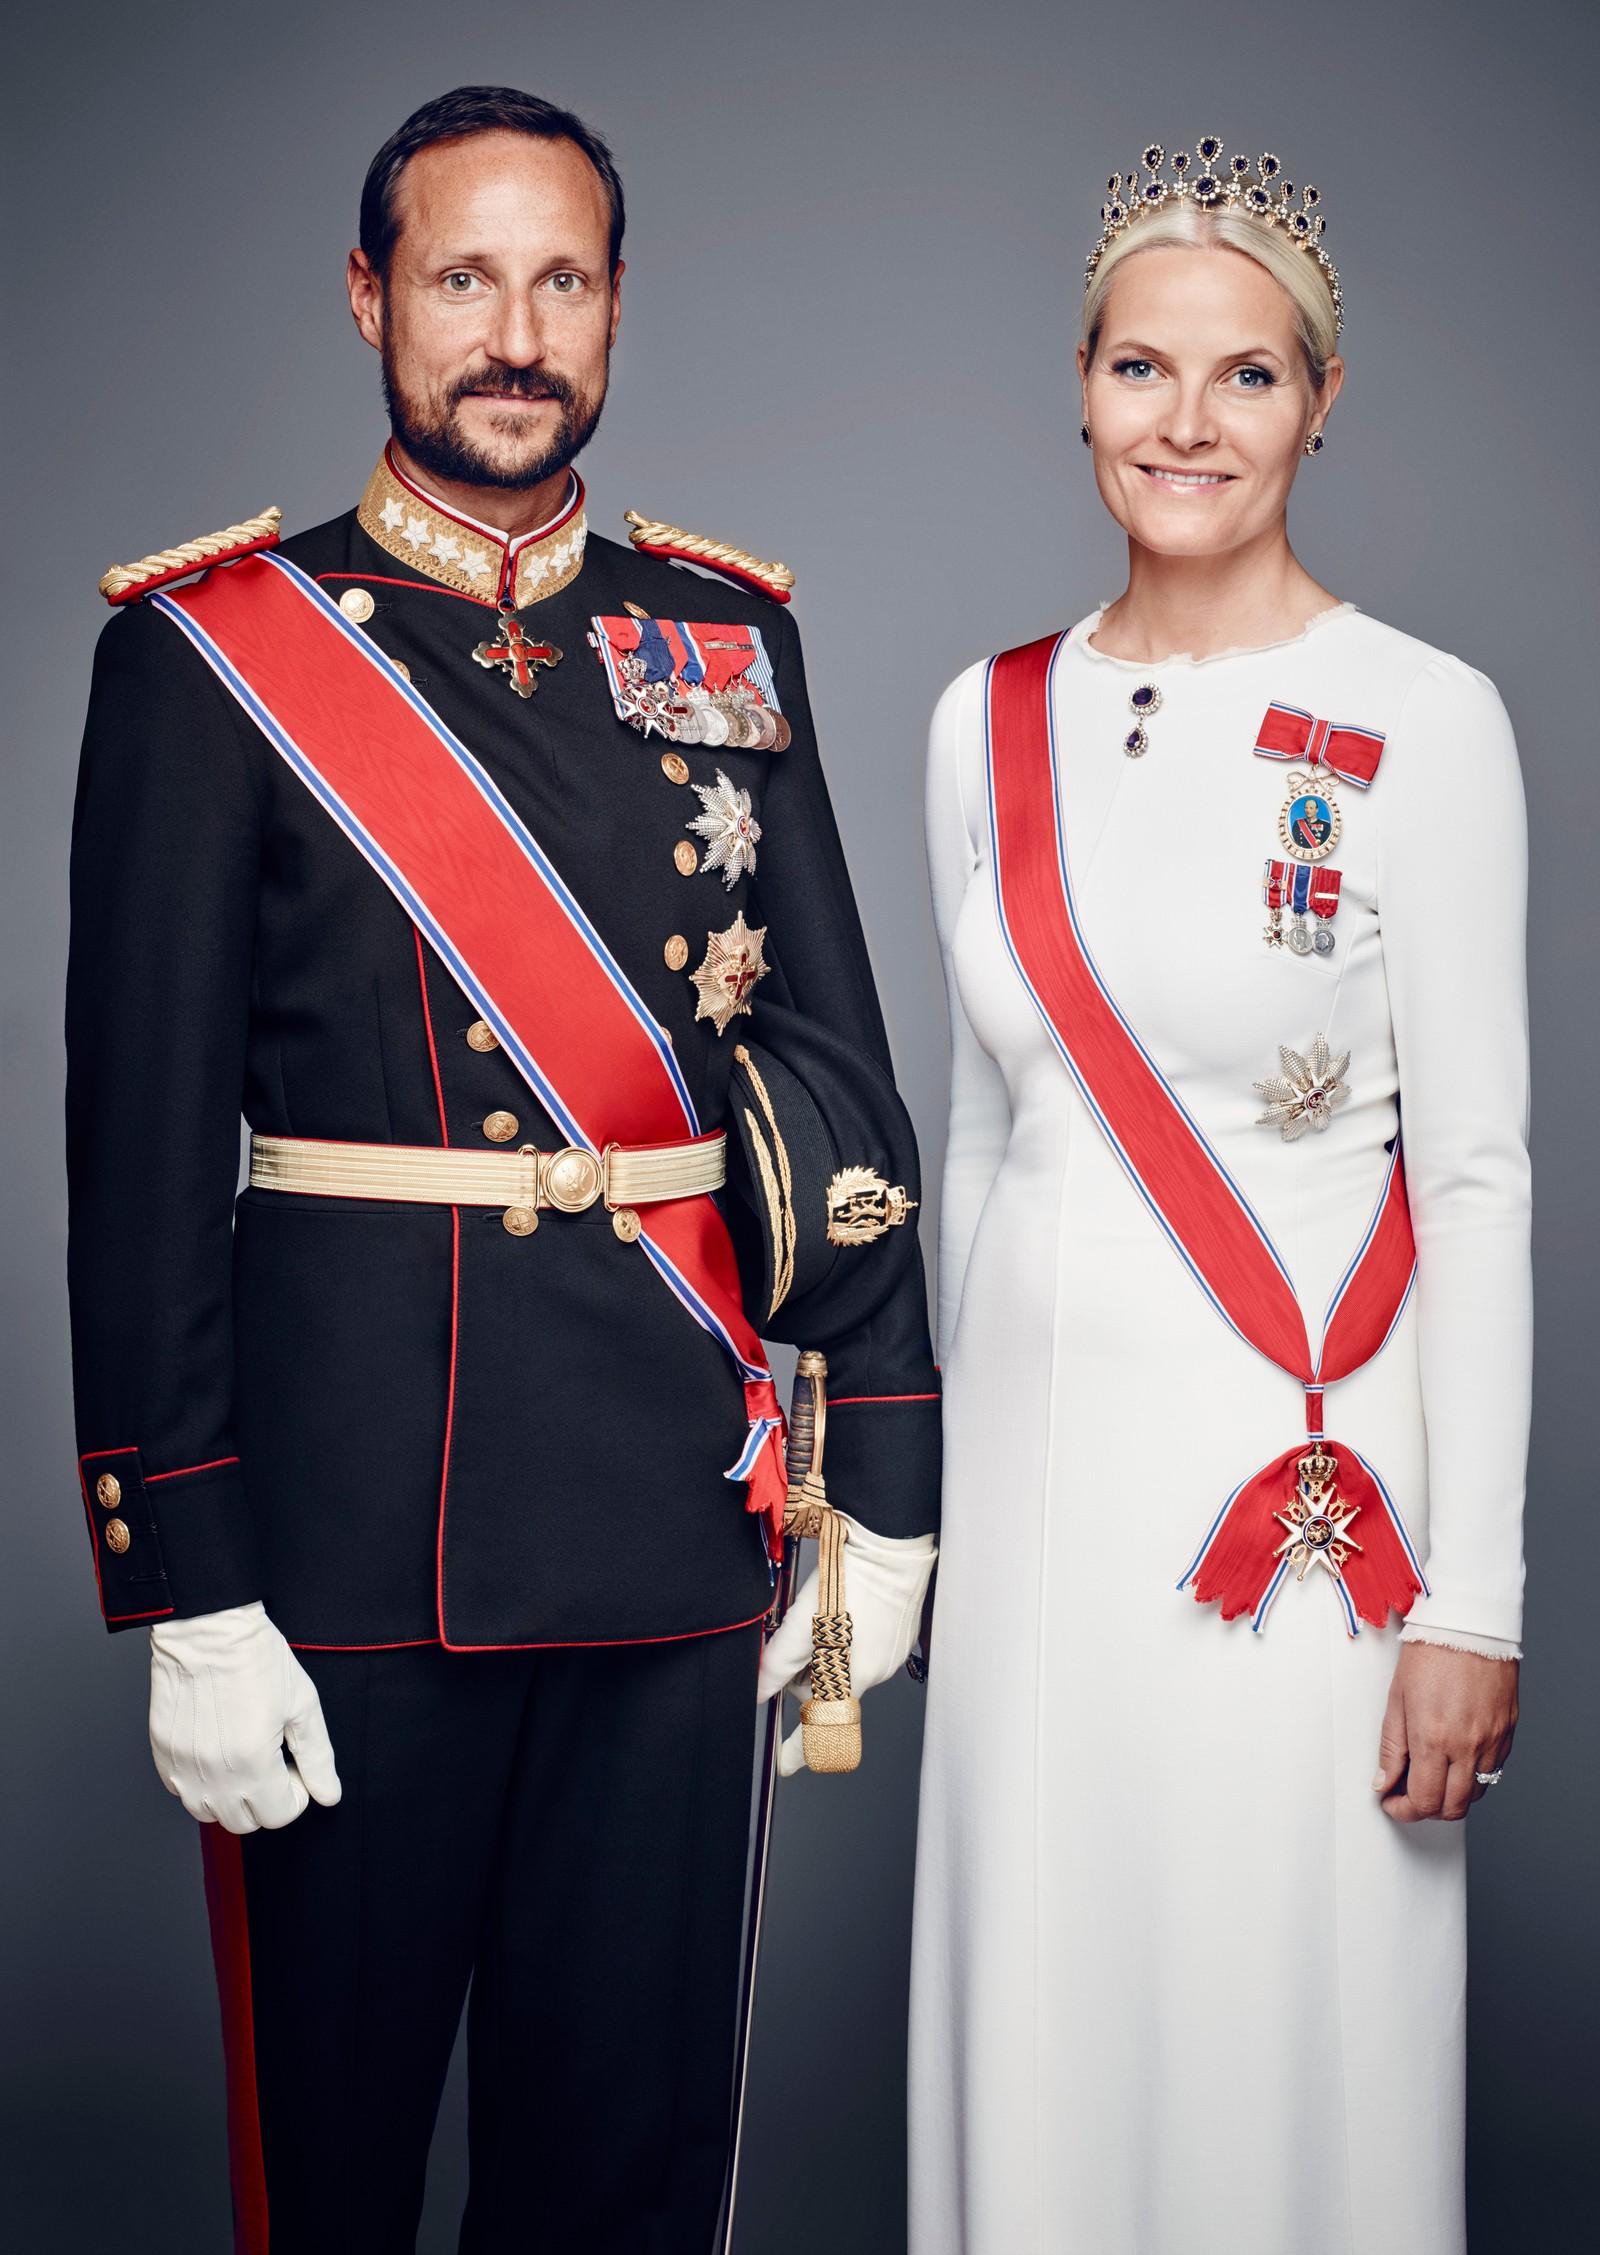 Deres Kongelige Høyheter Kronprinsen og Kronprinsessen i galla.